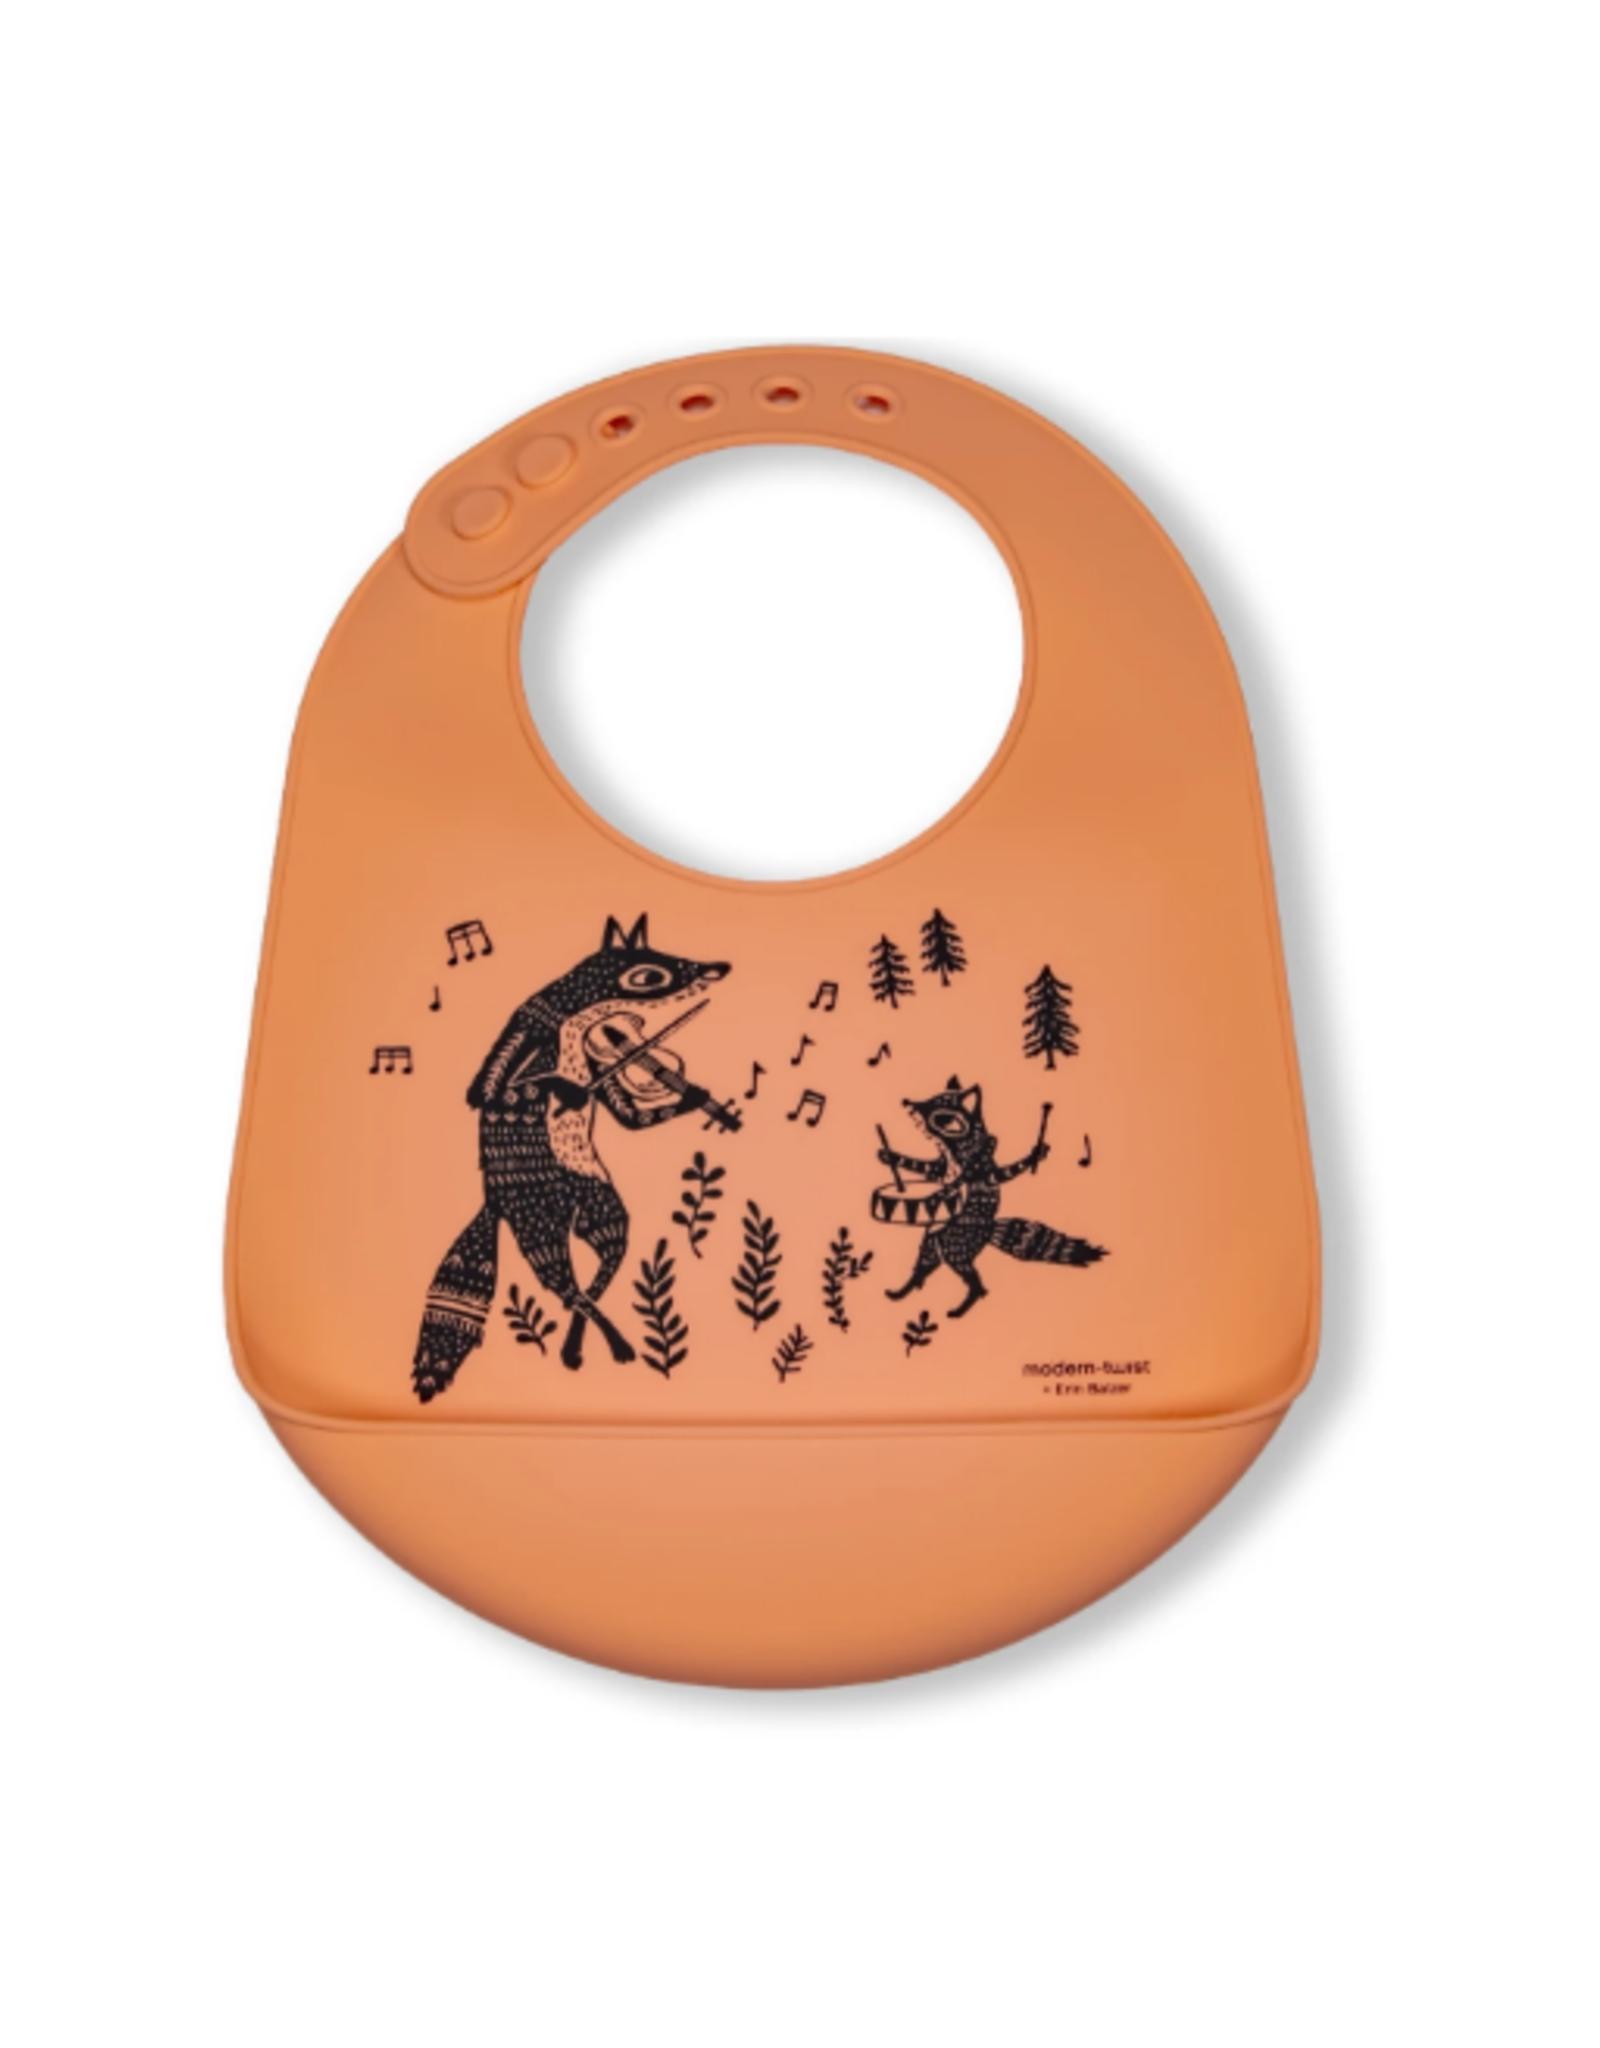 Modern Twist Bucket Bibs, Fox Family